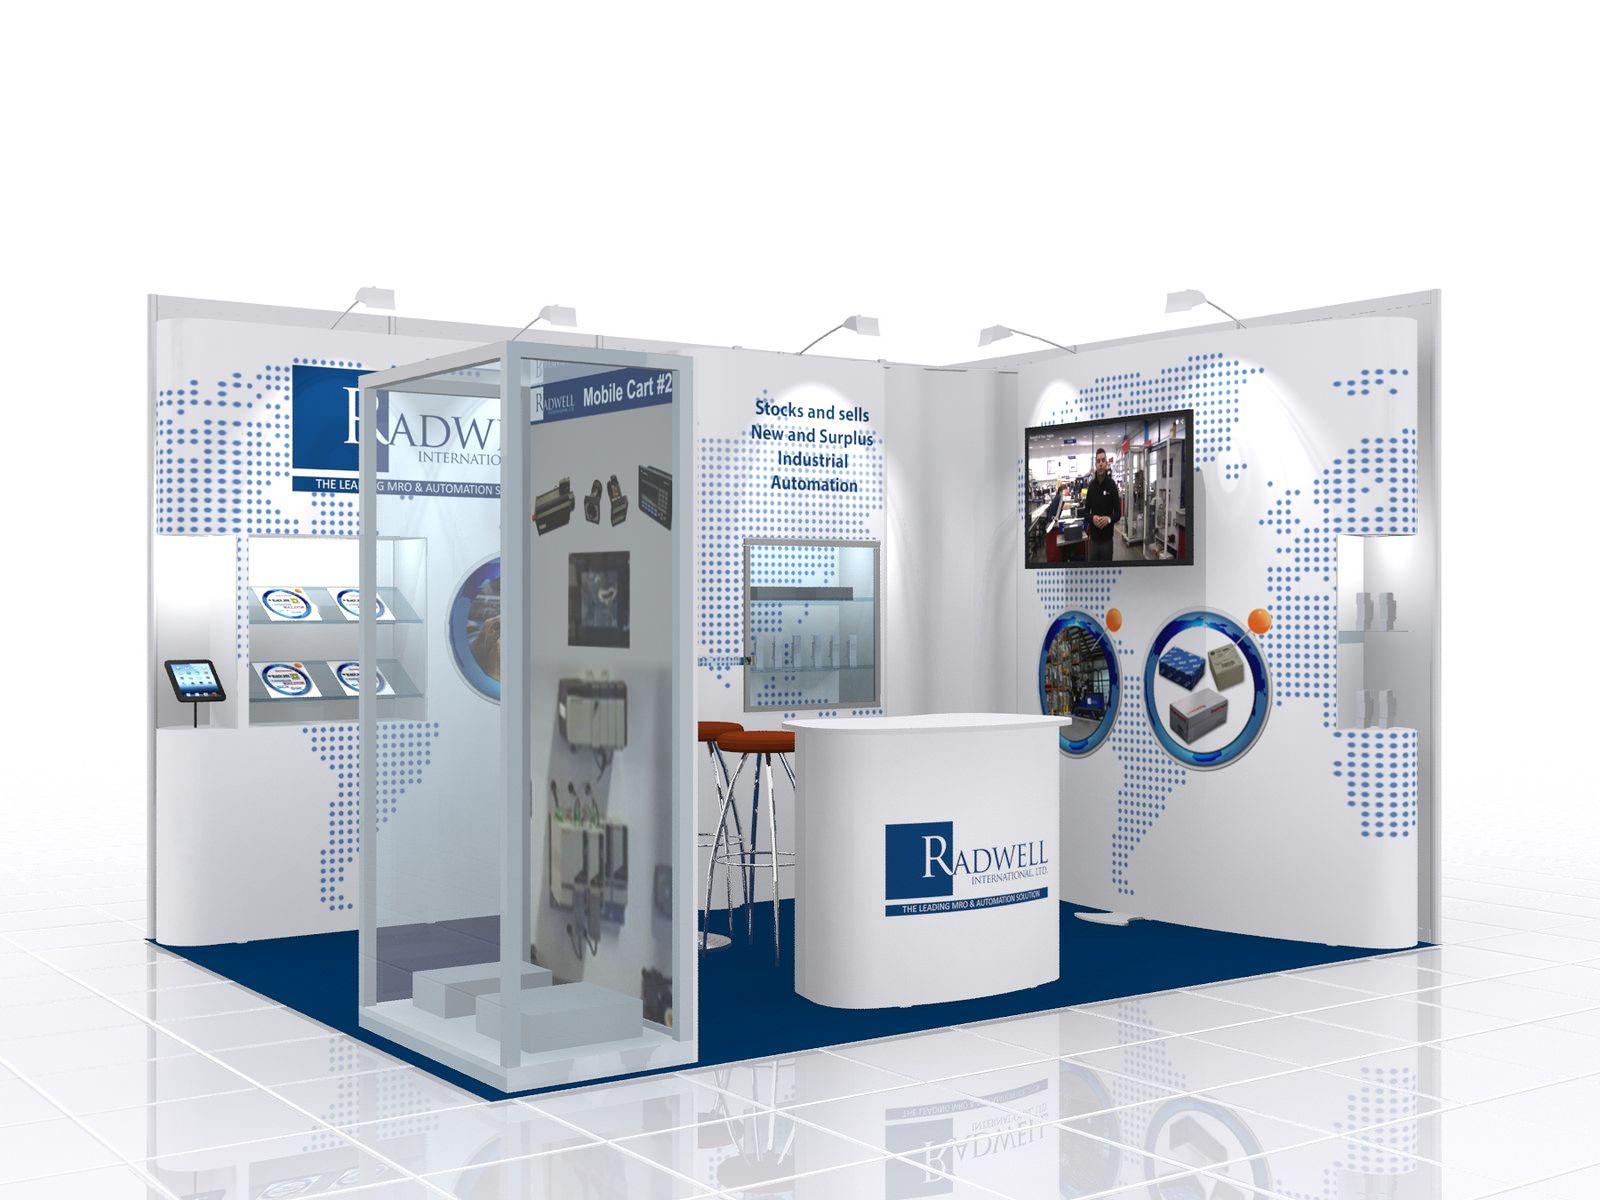 International Exhibition Stand Design : Exhibition stand design for radwell international